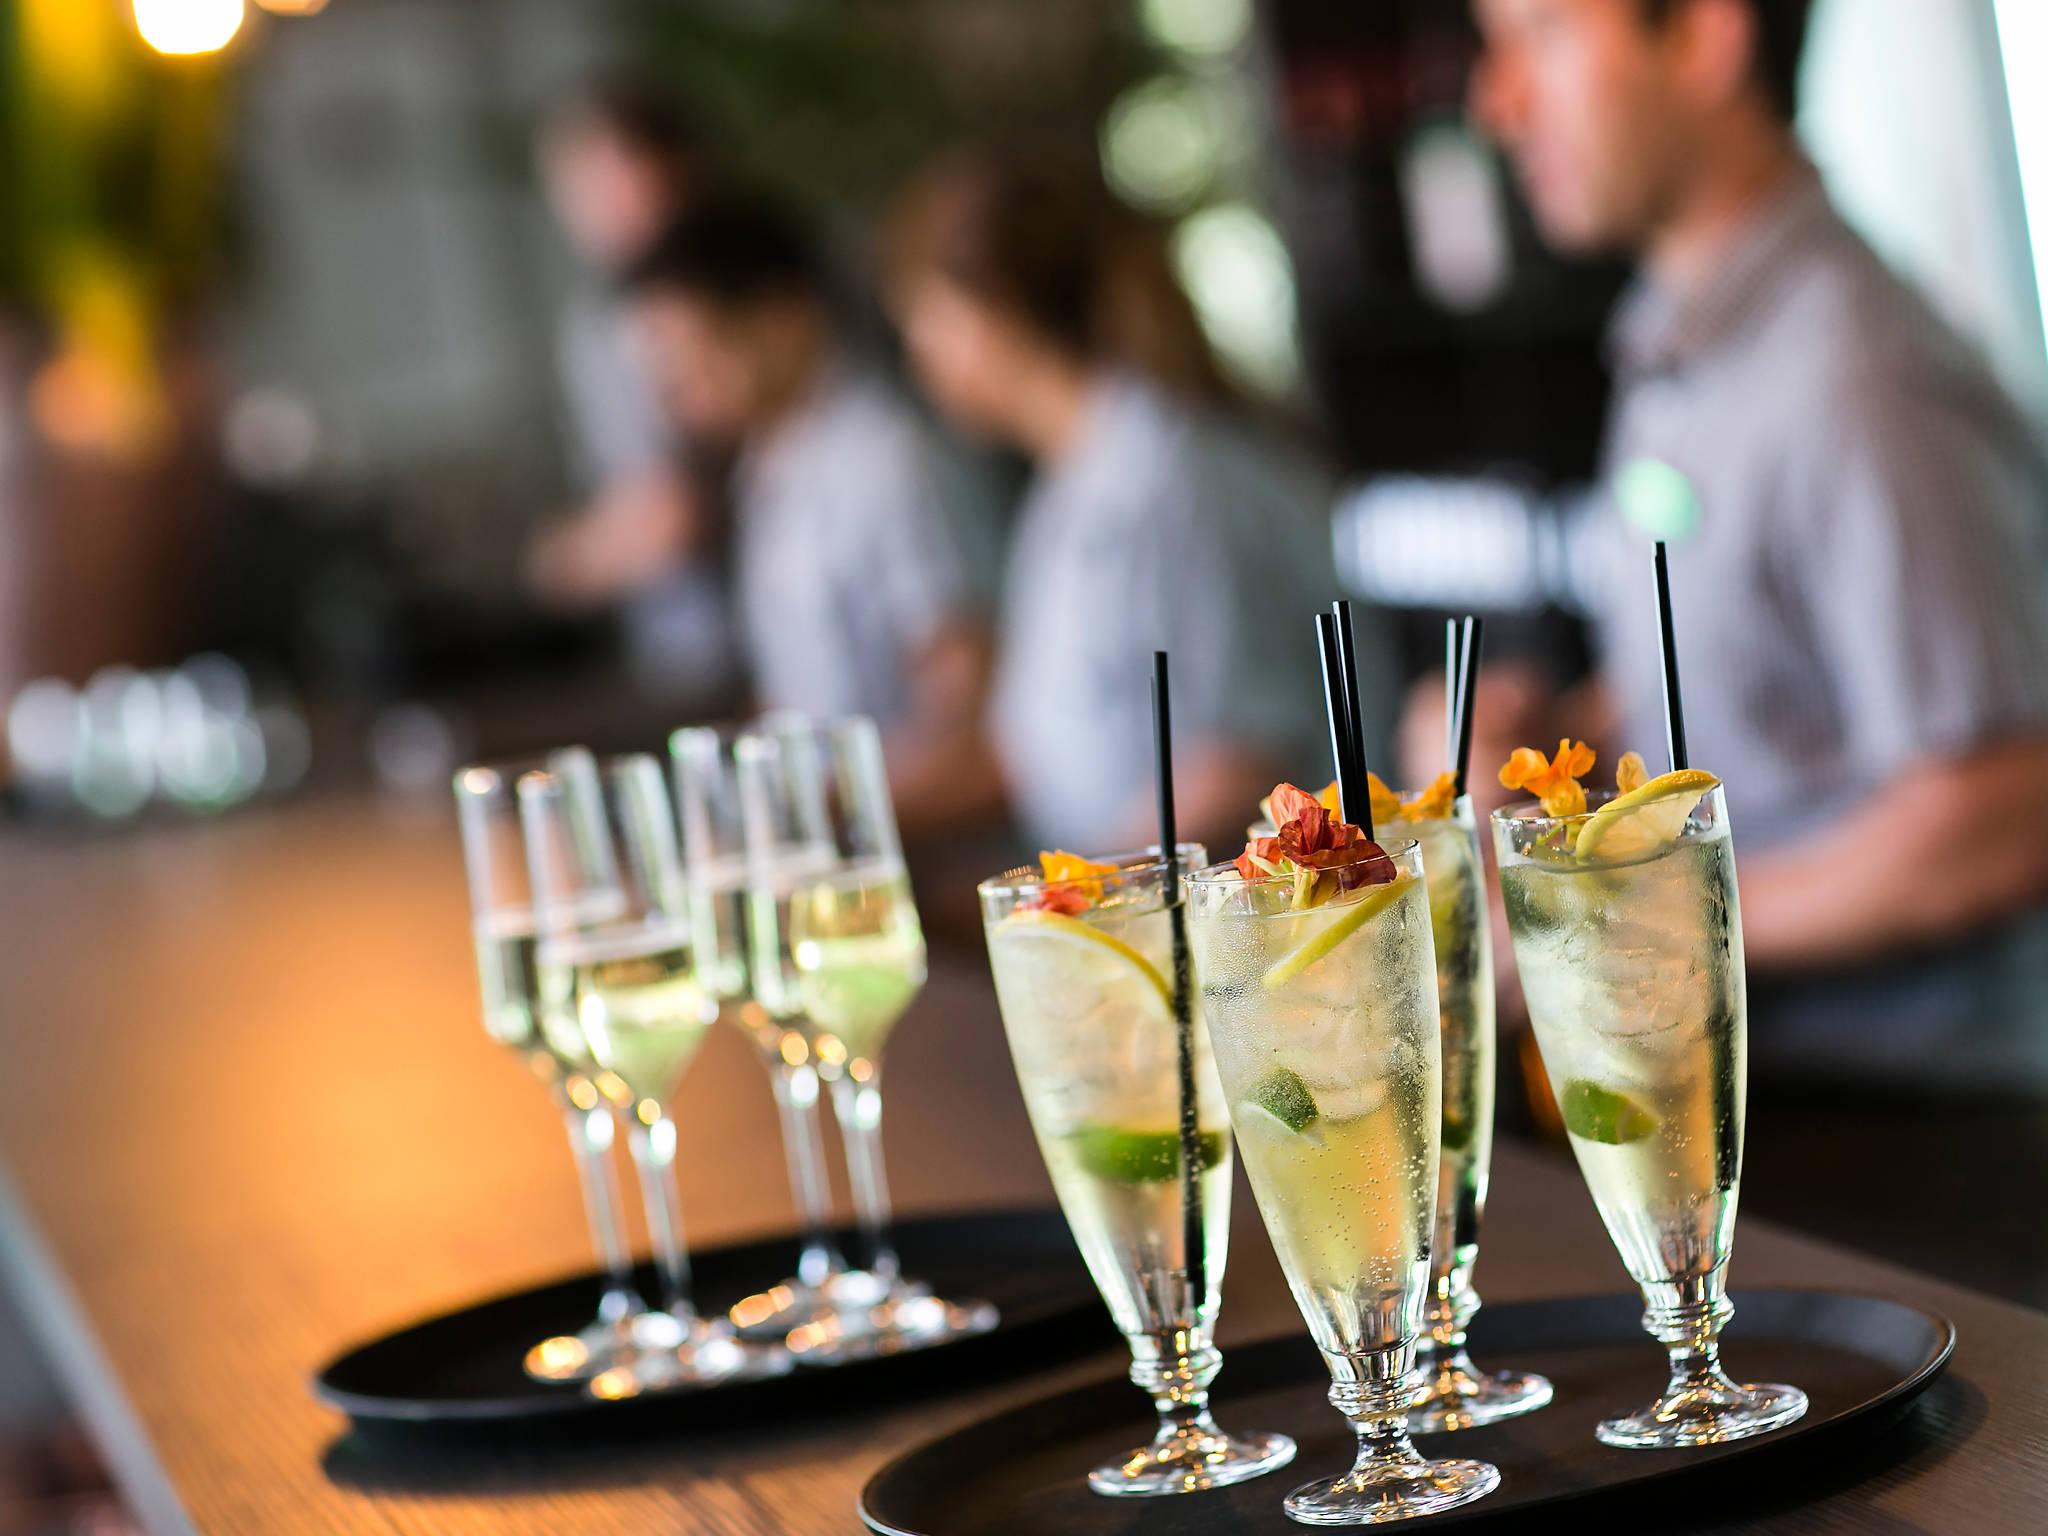 Bar at the Australian Open